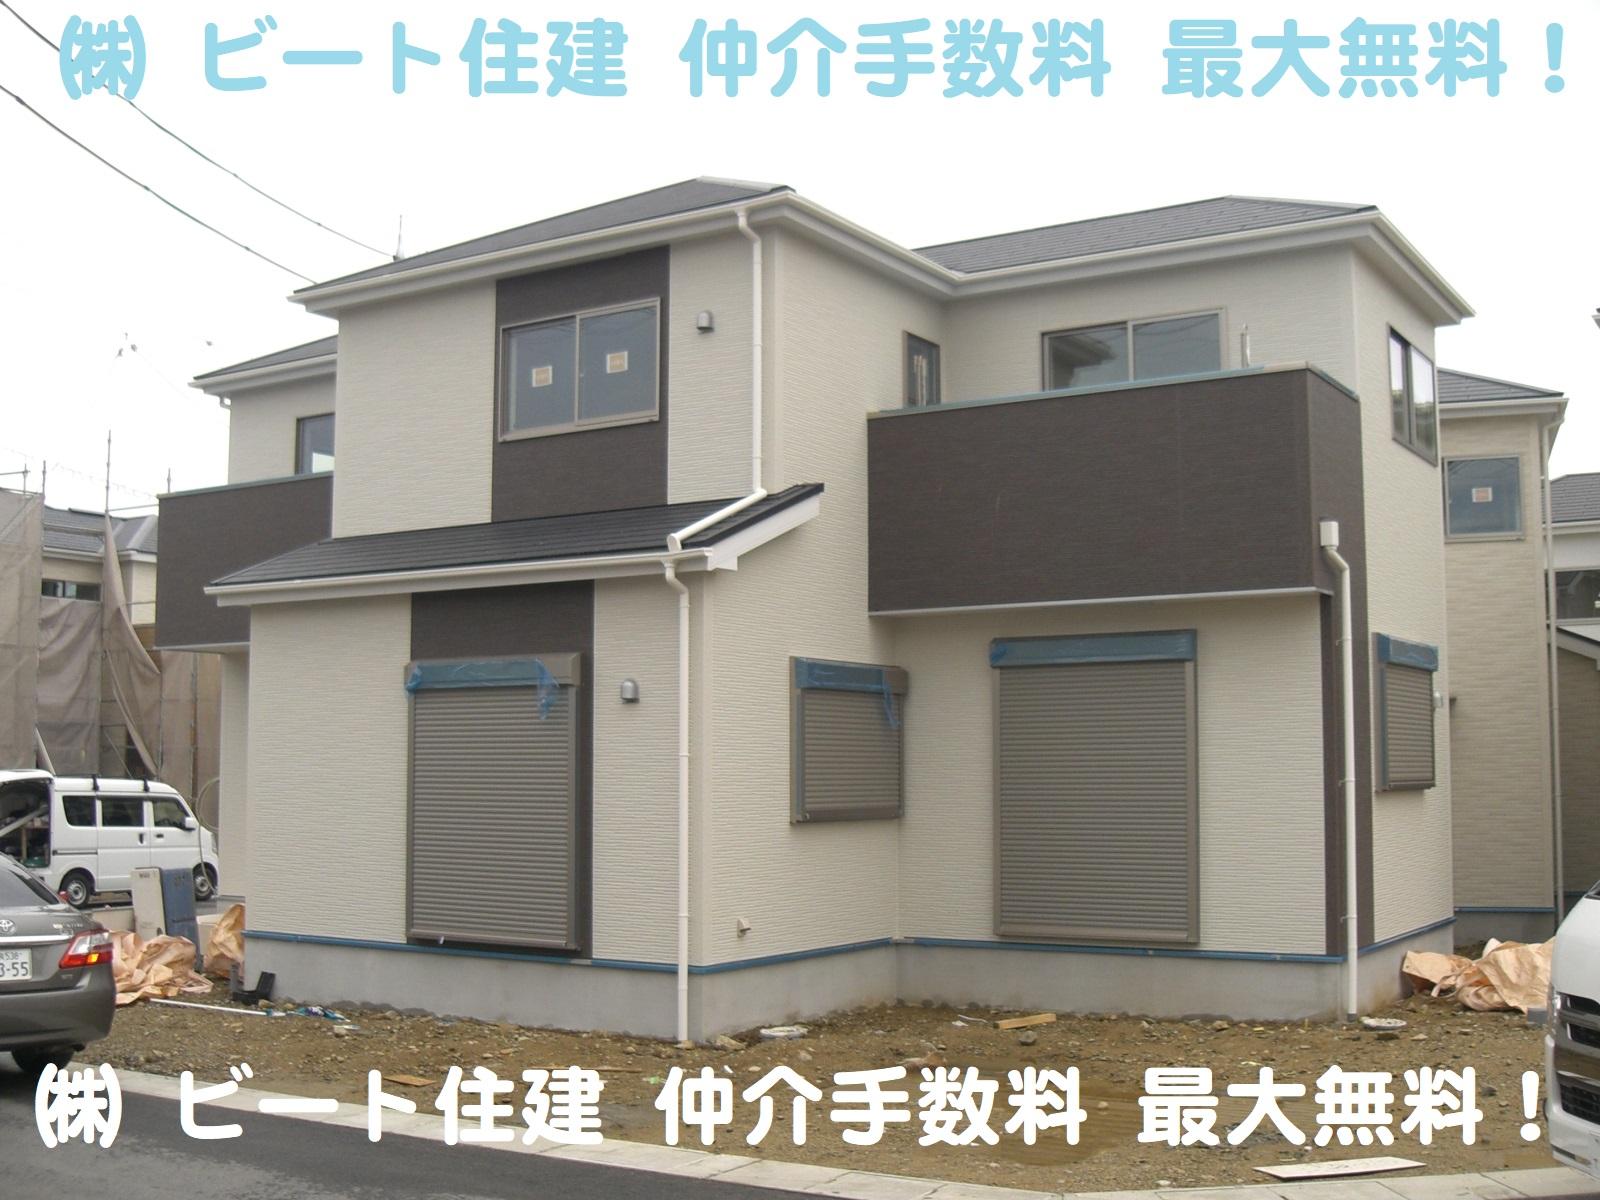 香芝市 & 斑鳩町 新築 モデルハウス 直ぐに ご案内できます。